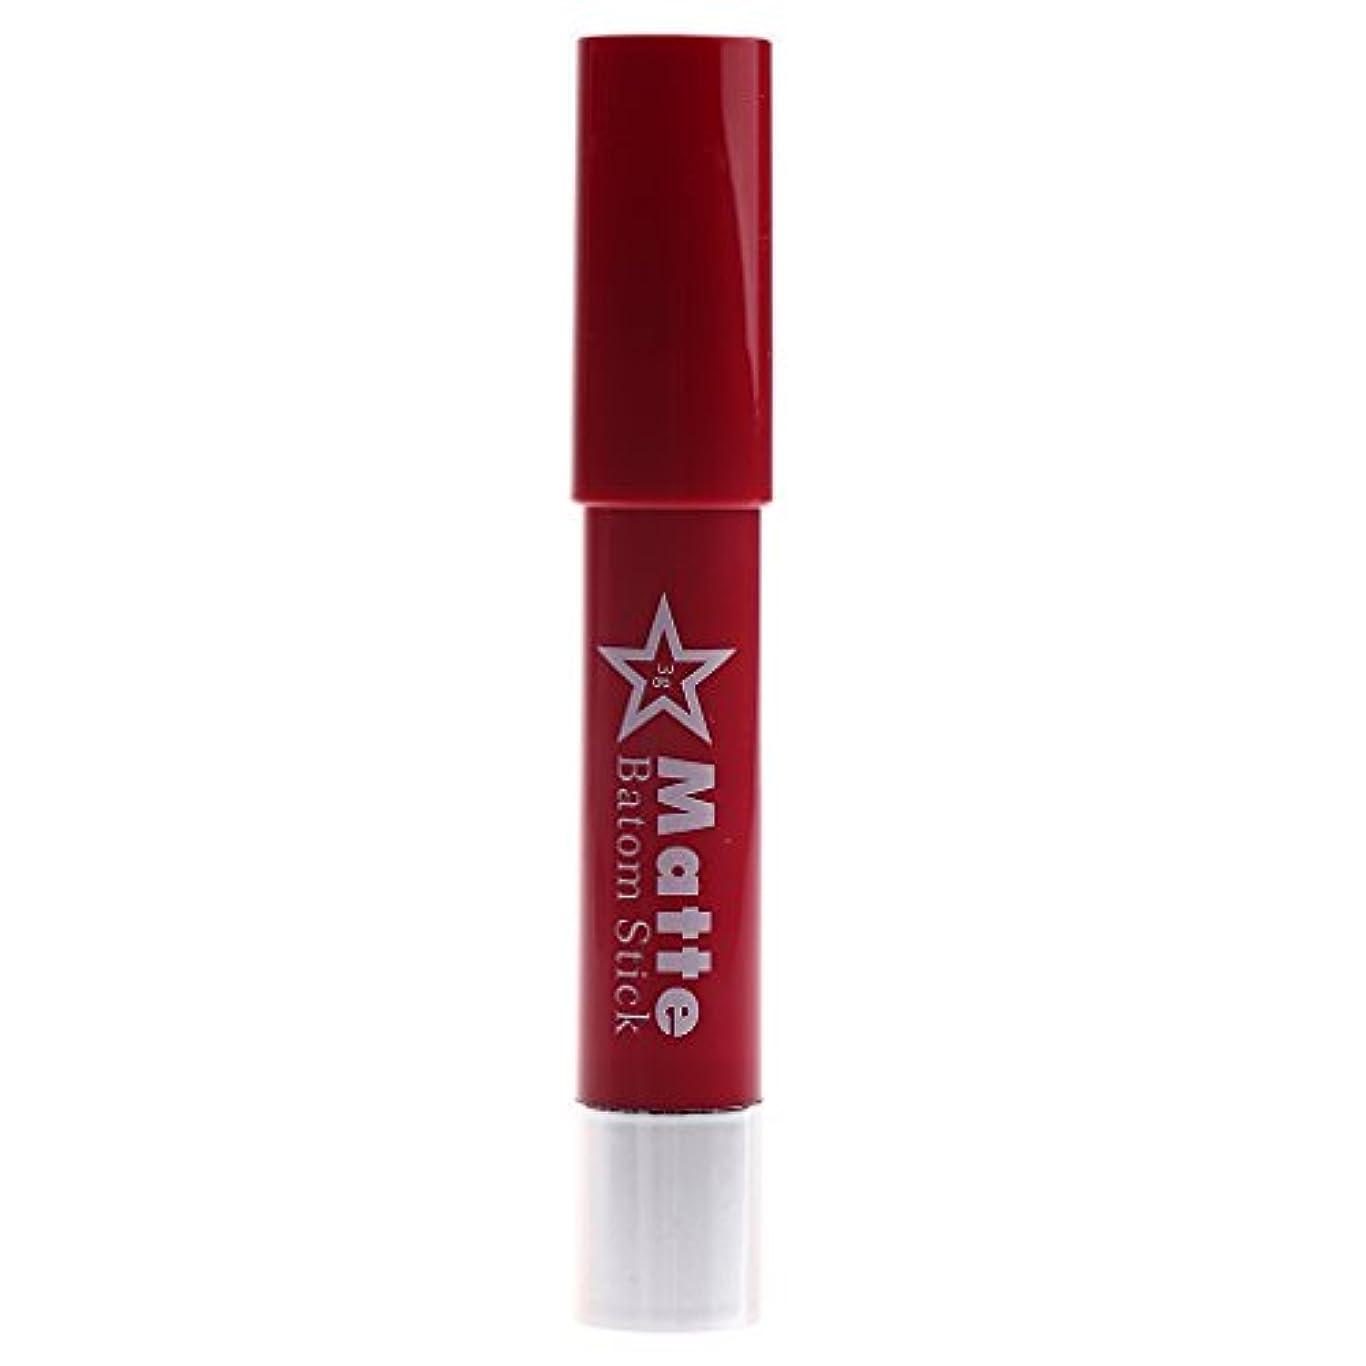 タイプライター対象敬長時間の防水リップペンシルマットベルベット口紅リップグロス化粧品